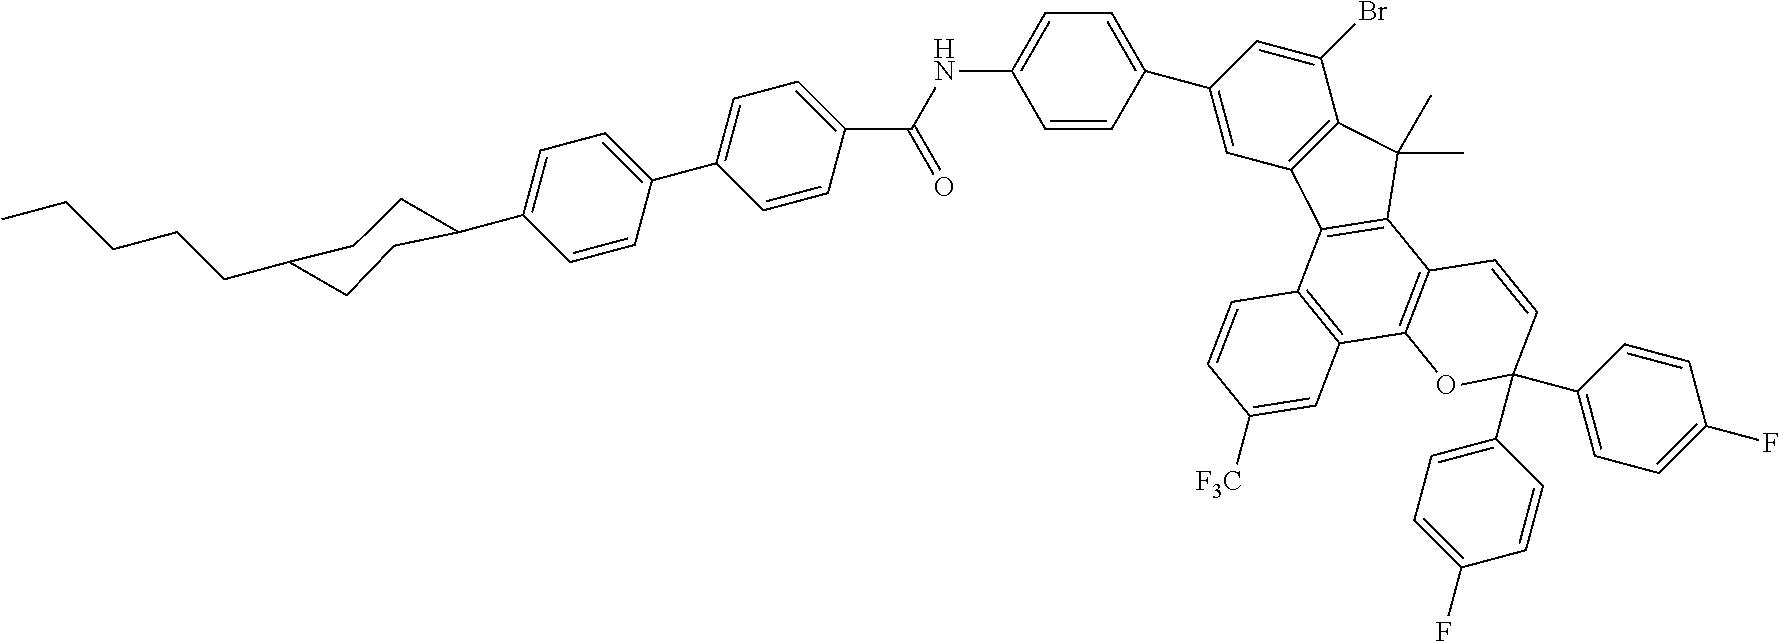 Figure US08545984-20131001-C00028